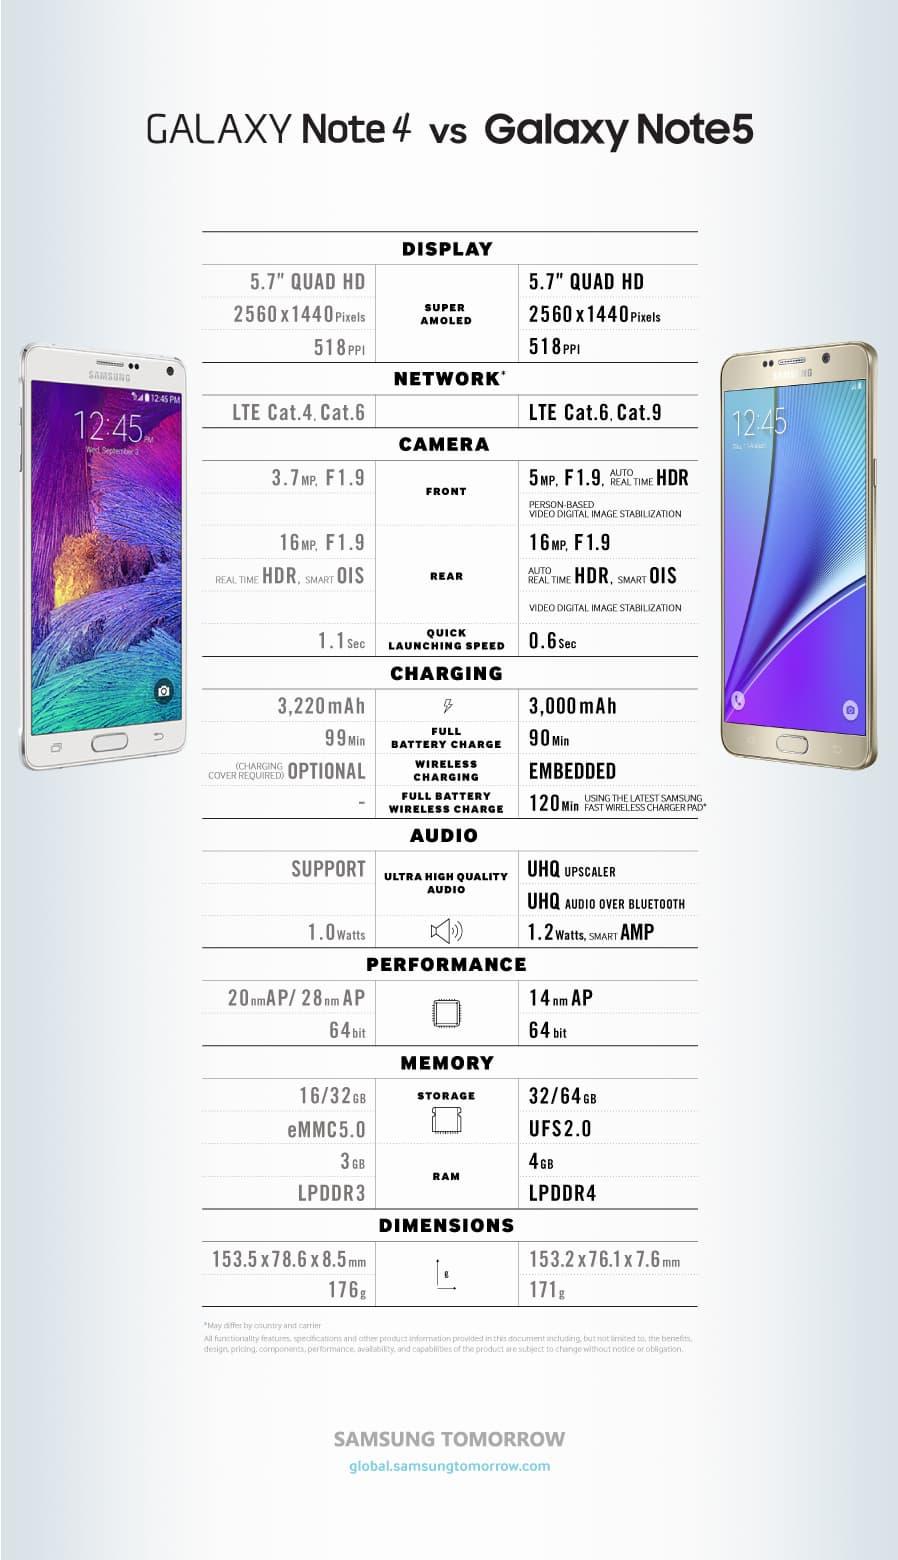 GalaxyNote4GalaxyNote5_Comparison